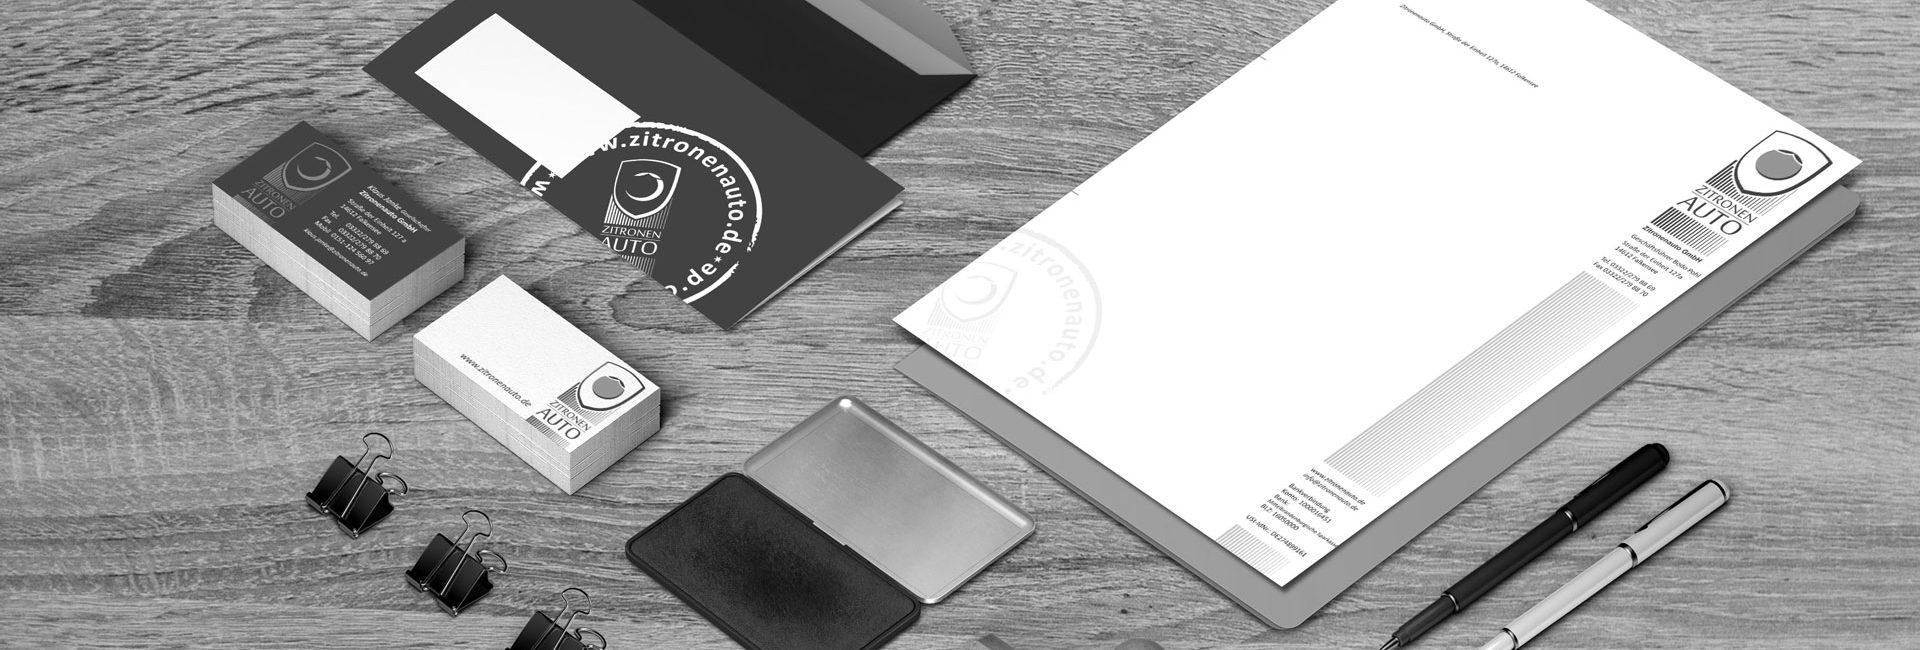 Geschäftspapiere wie Vistenkarten, Stempel, Briefumschläge und mehr von Kreative Werbung aus Falkensee